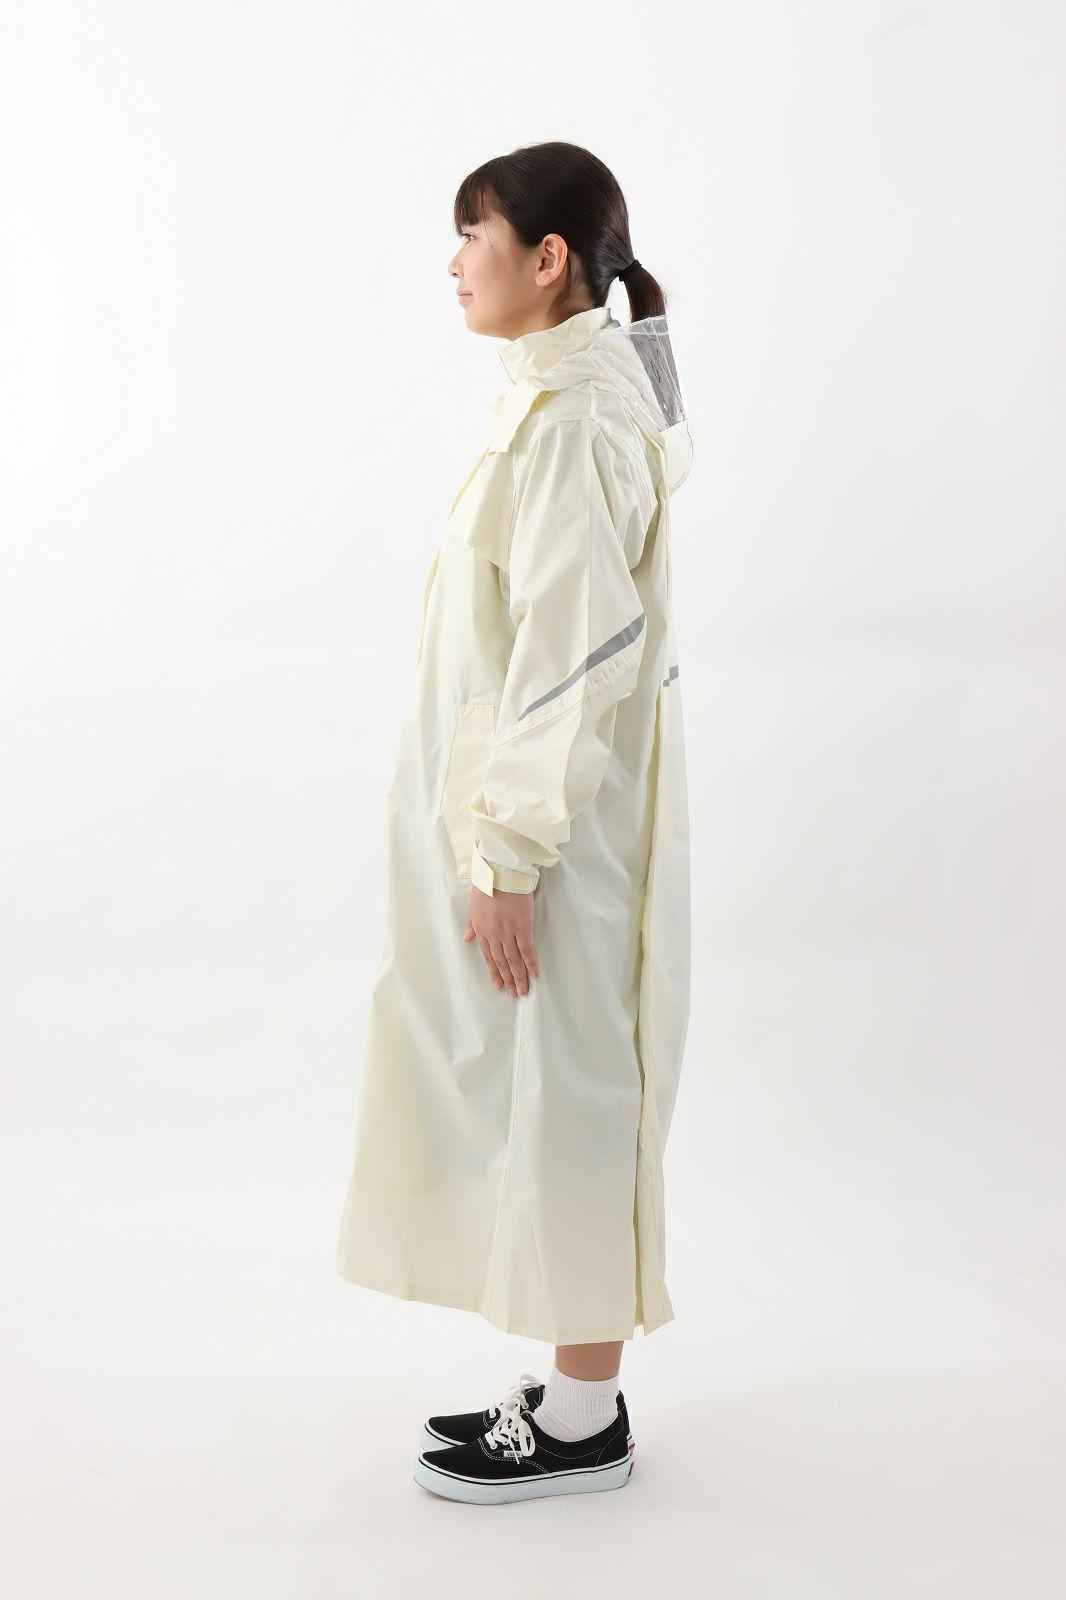 側面(斜め) [女性モデルのサイズ]身長:162cm 着用サイズ:120cm